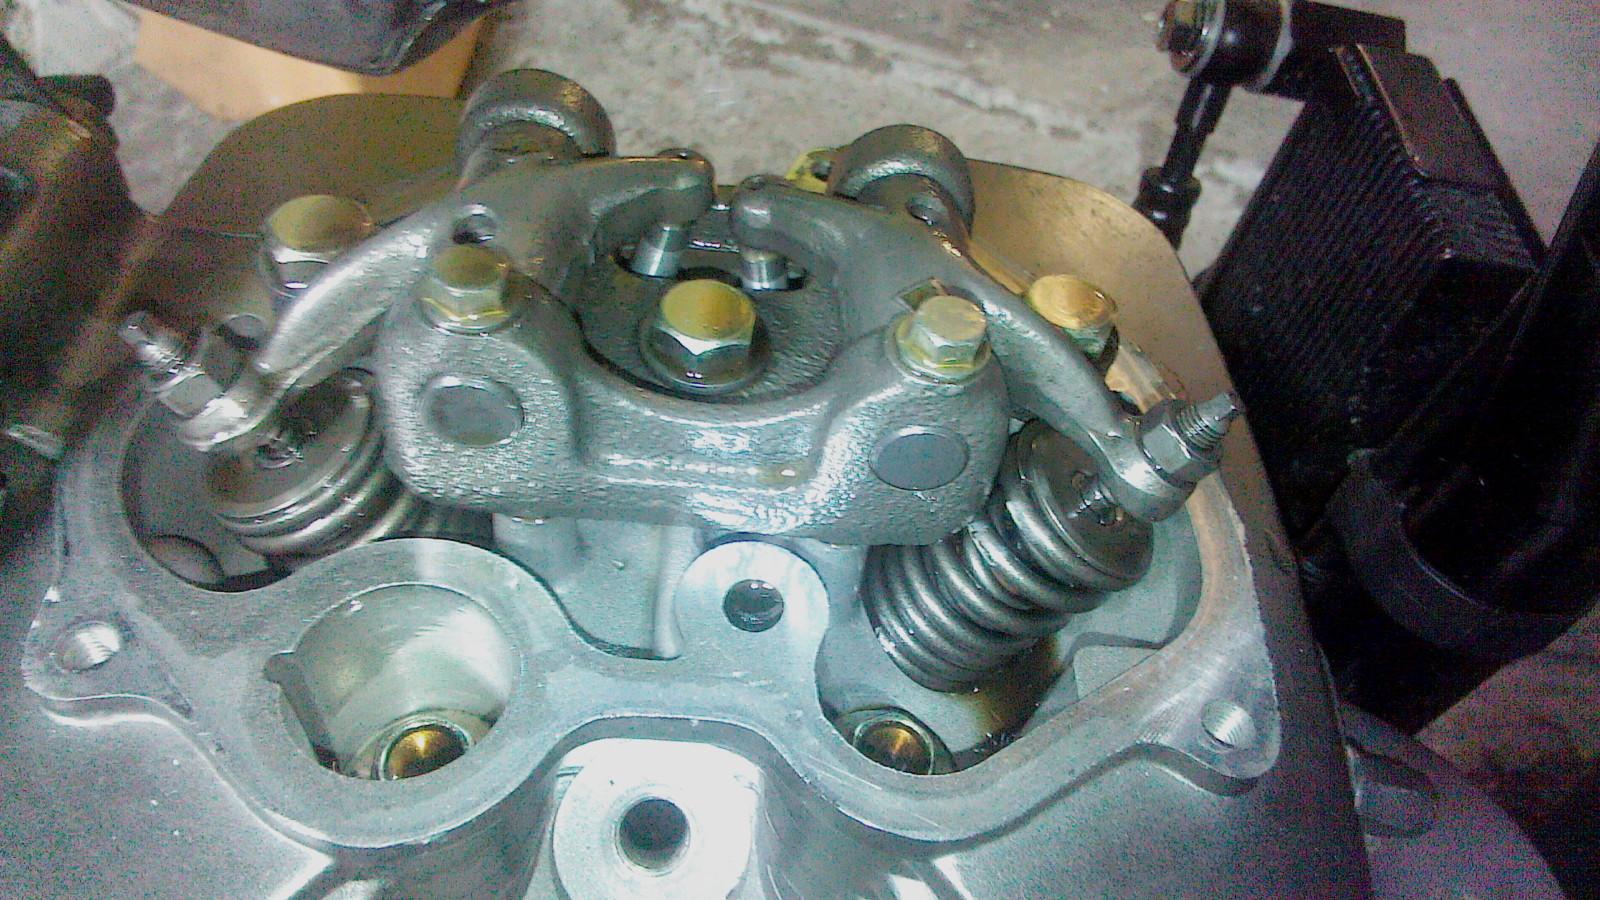 Ajuste de valvulas y mantenimiento filtro de aire a mi RKV200!! Nf1mxi